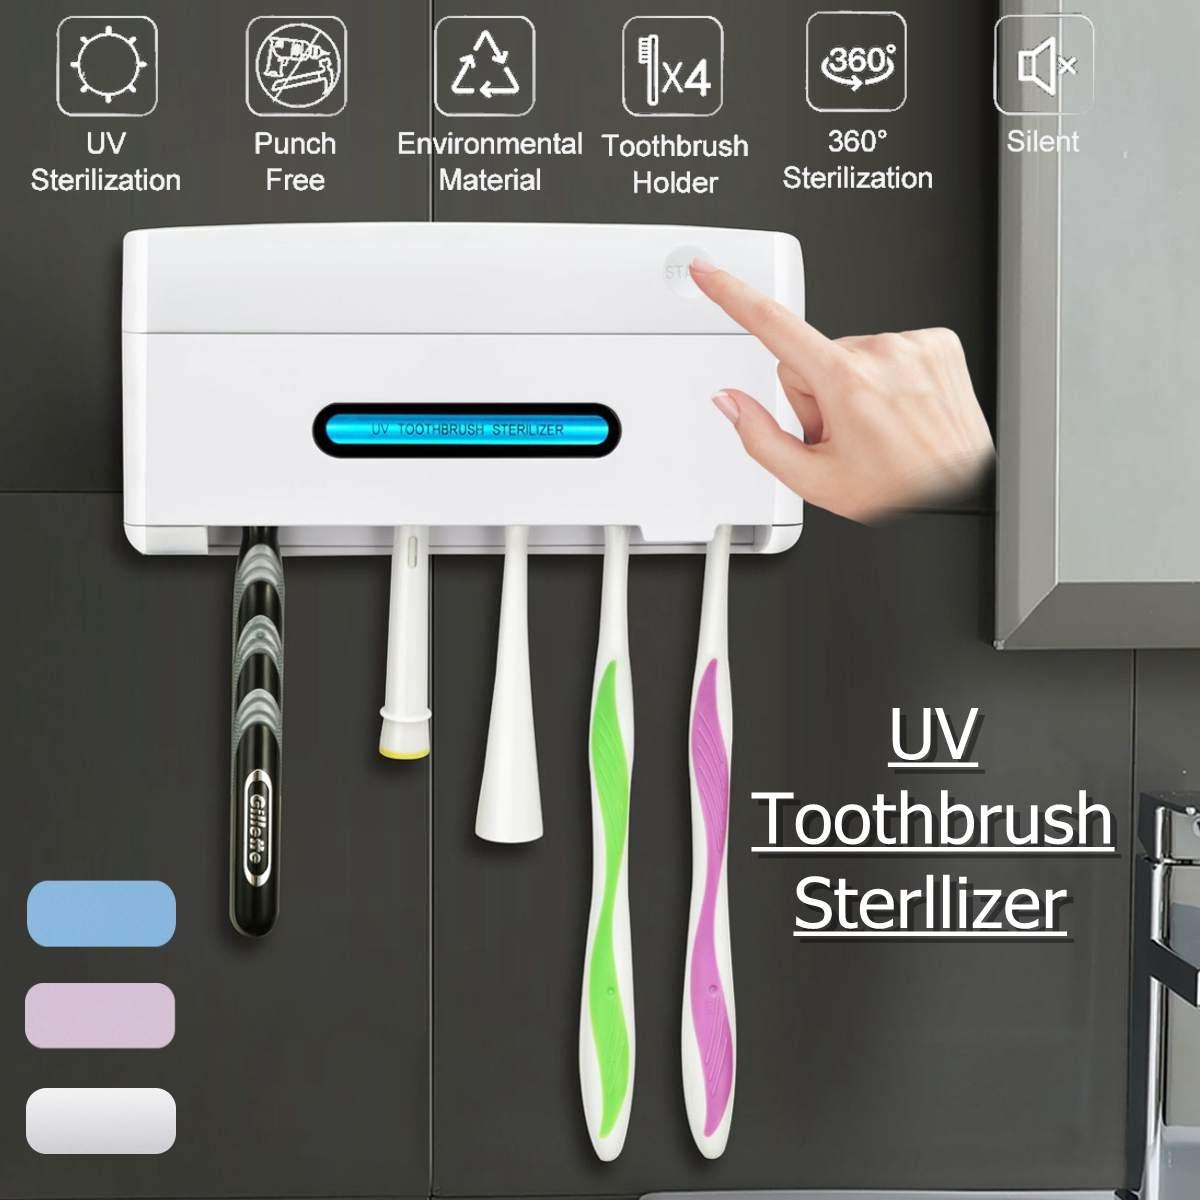 UV Inteligente Indução Anti-Bactérias Luz UV Desinfetante Titular Escova De Dentes Esterilizador Caixa de Limpeza Oral Assistência Odontológica